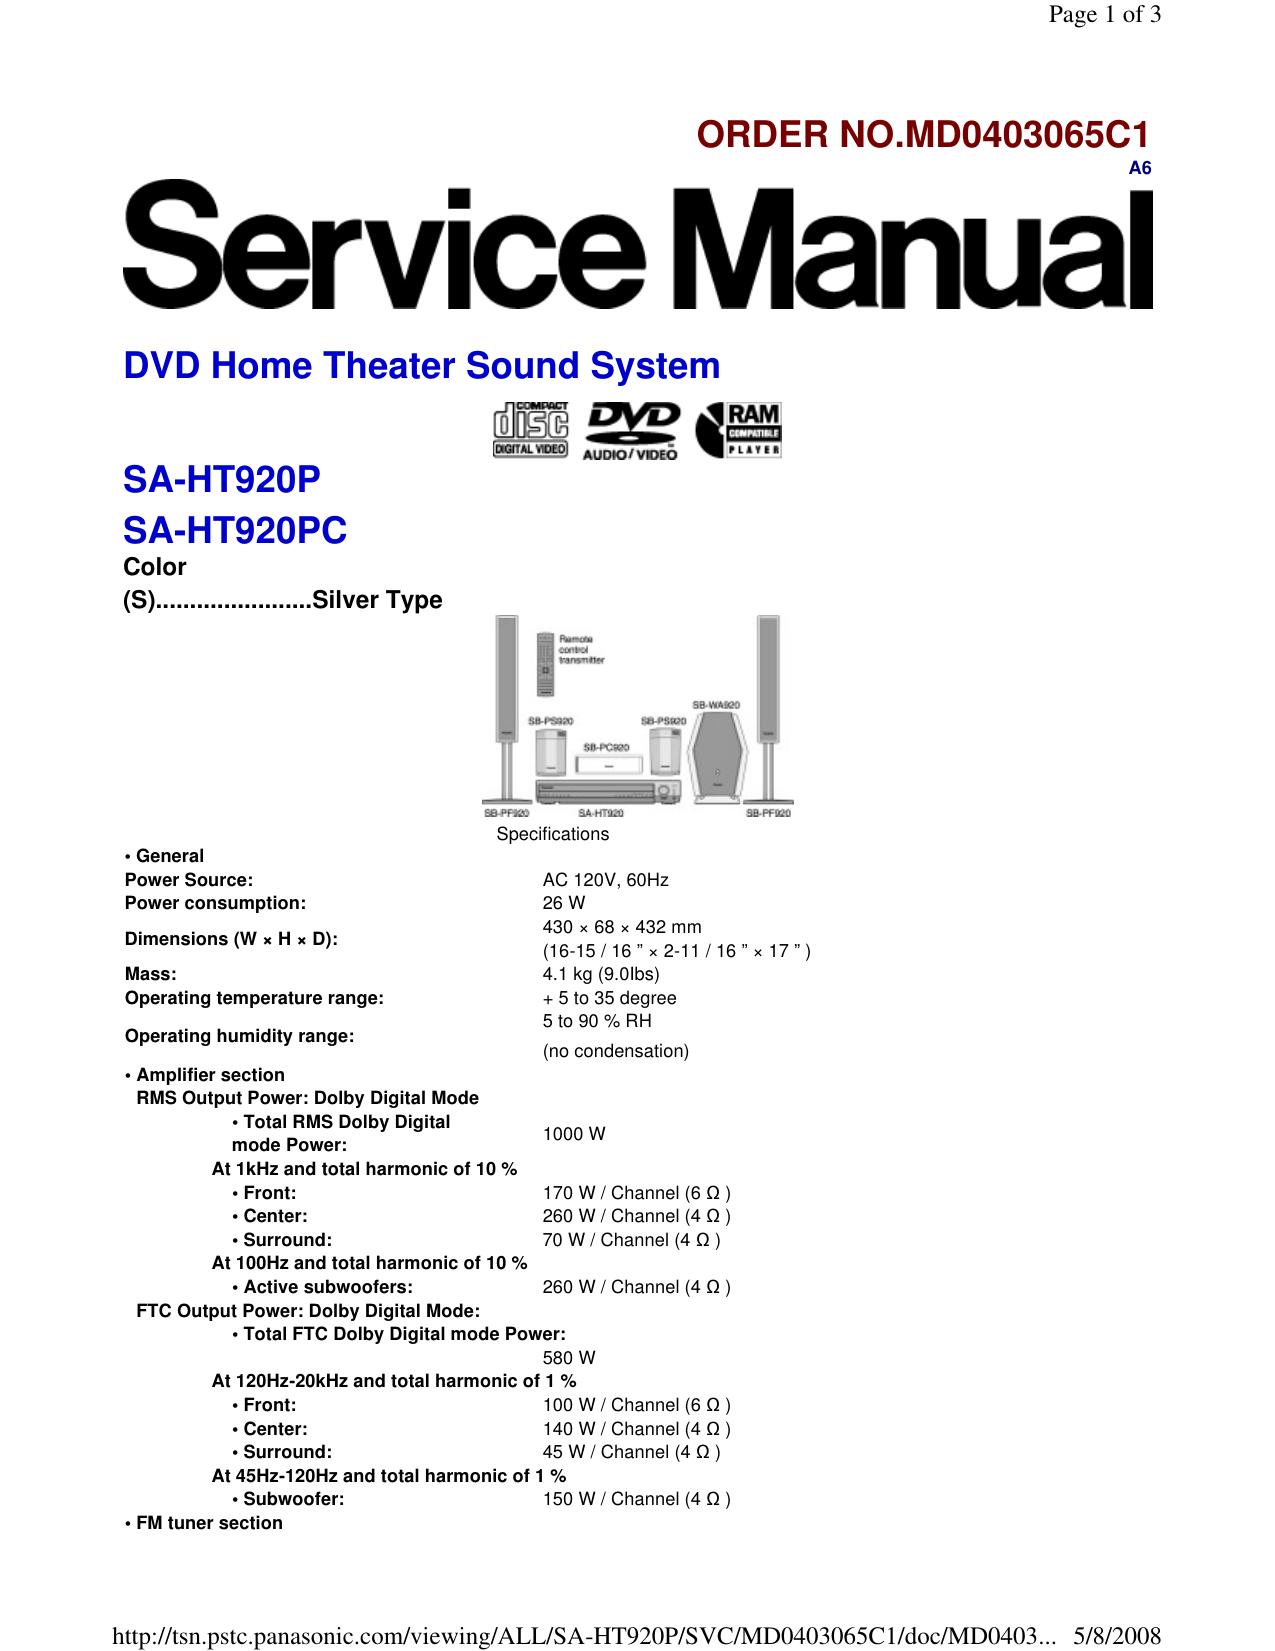 ORDER NO MD0403065C1 DVD Home Theater Sound System SA | manualzz com